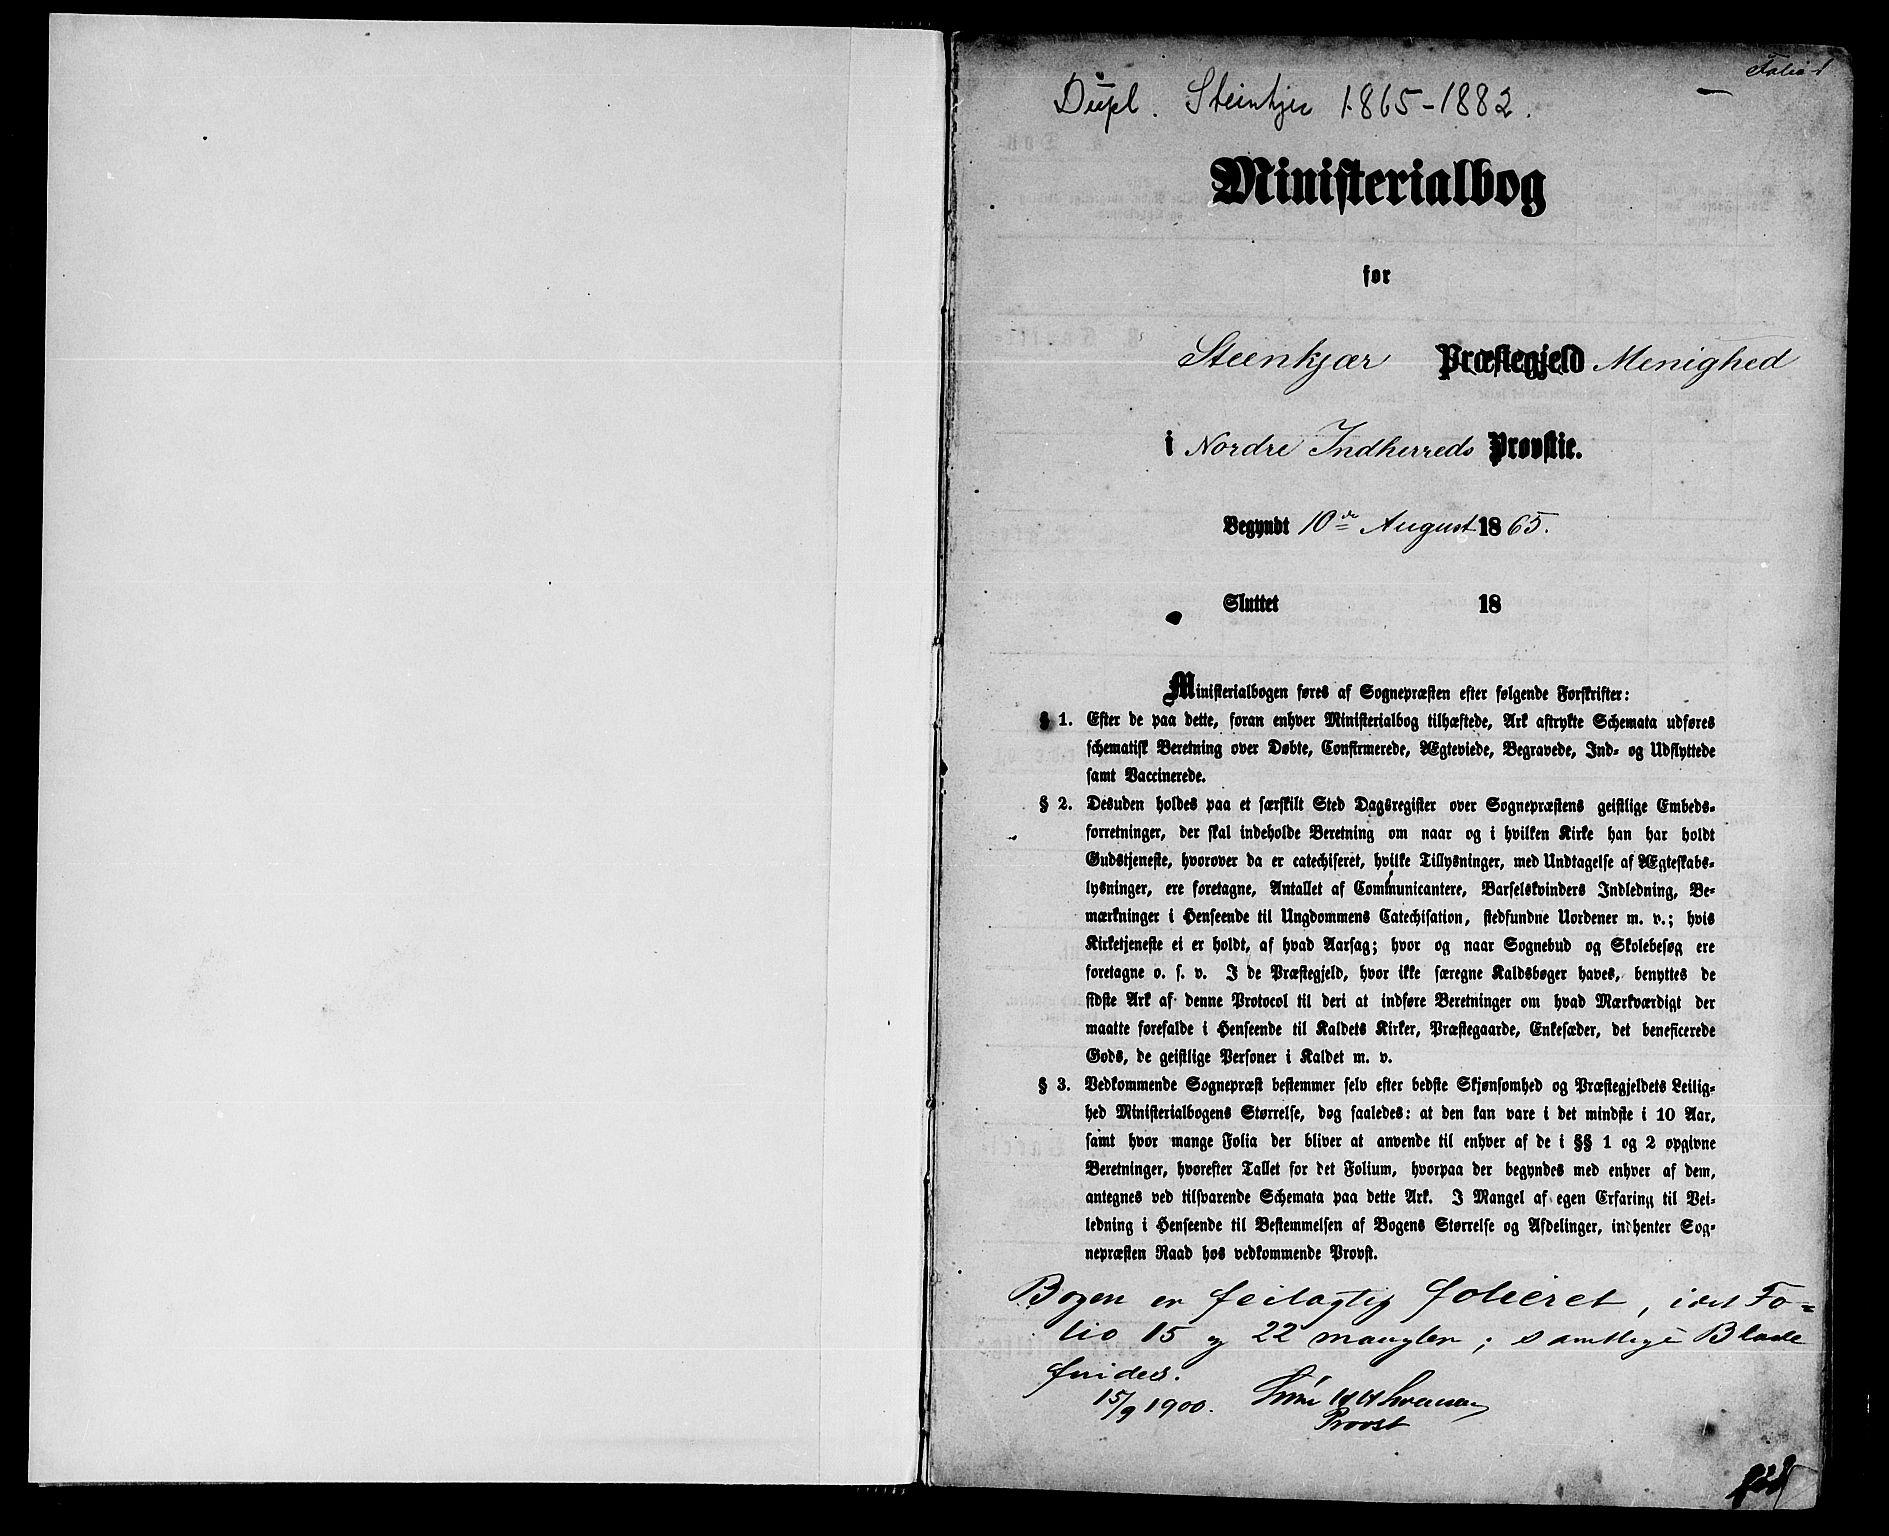 SAT, Ministerialprotokoller, klokkerbøker og fødselsregistre - Nord-Trøndelag, 739/L0373: Klokkerbok nr. 739C01, 1865-1882, s. 1